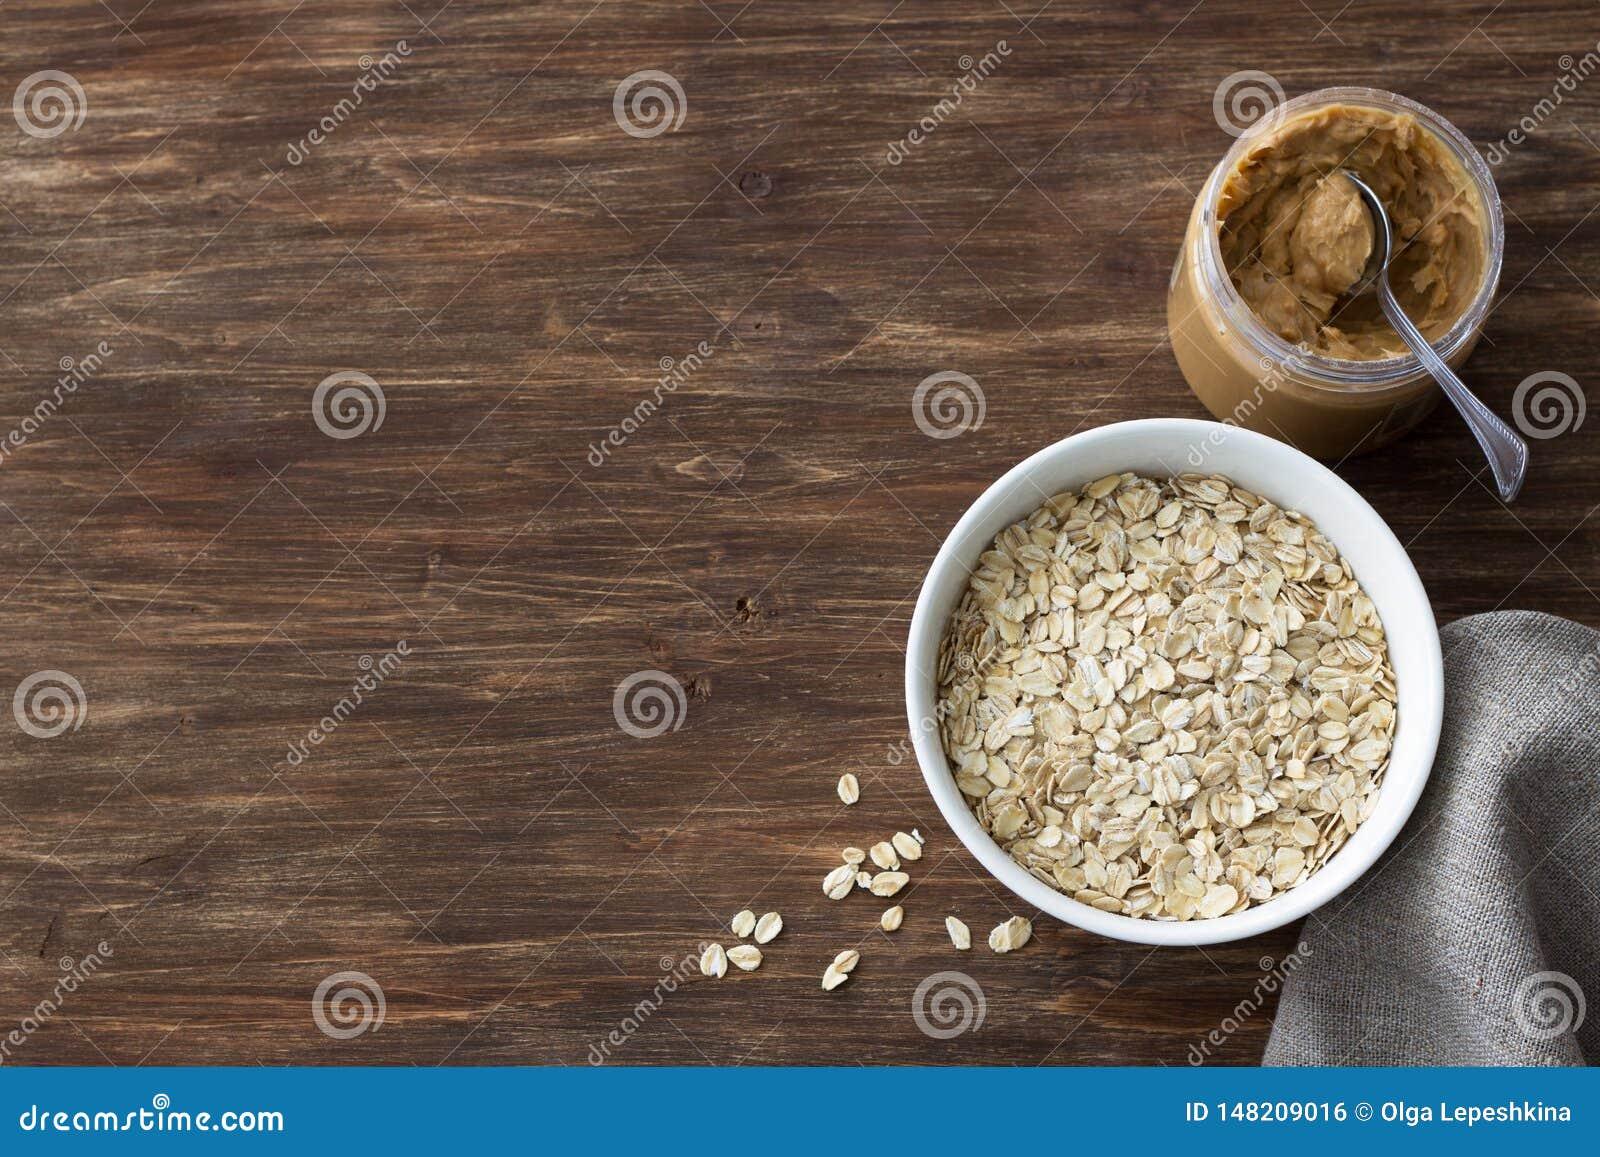 Rohes Hafermehl in einer weißen Schüssel mit Erdnussbutter, Bestandteile zum ein köstliches gesundes Frühstück auf einem hölzerne